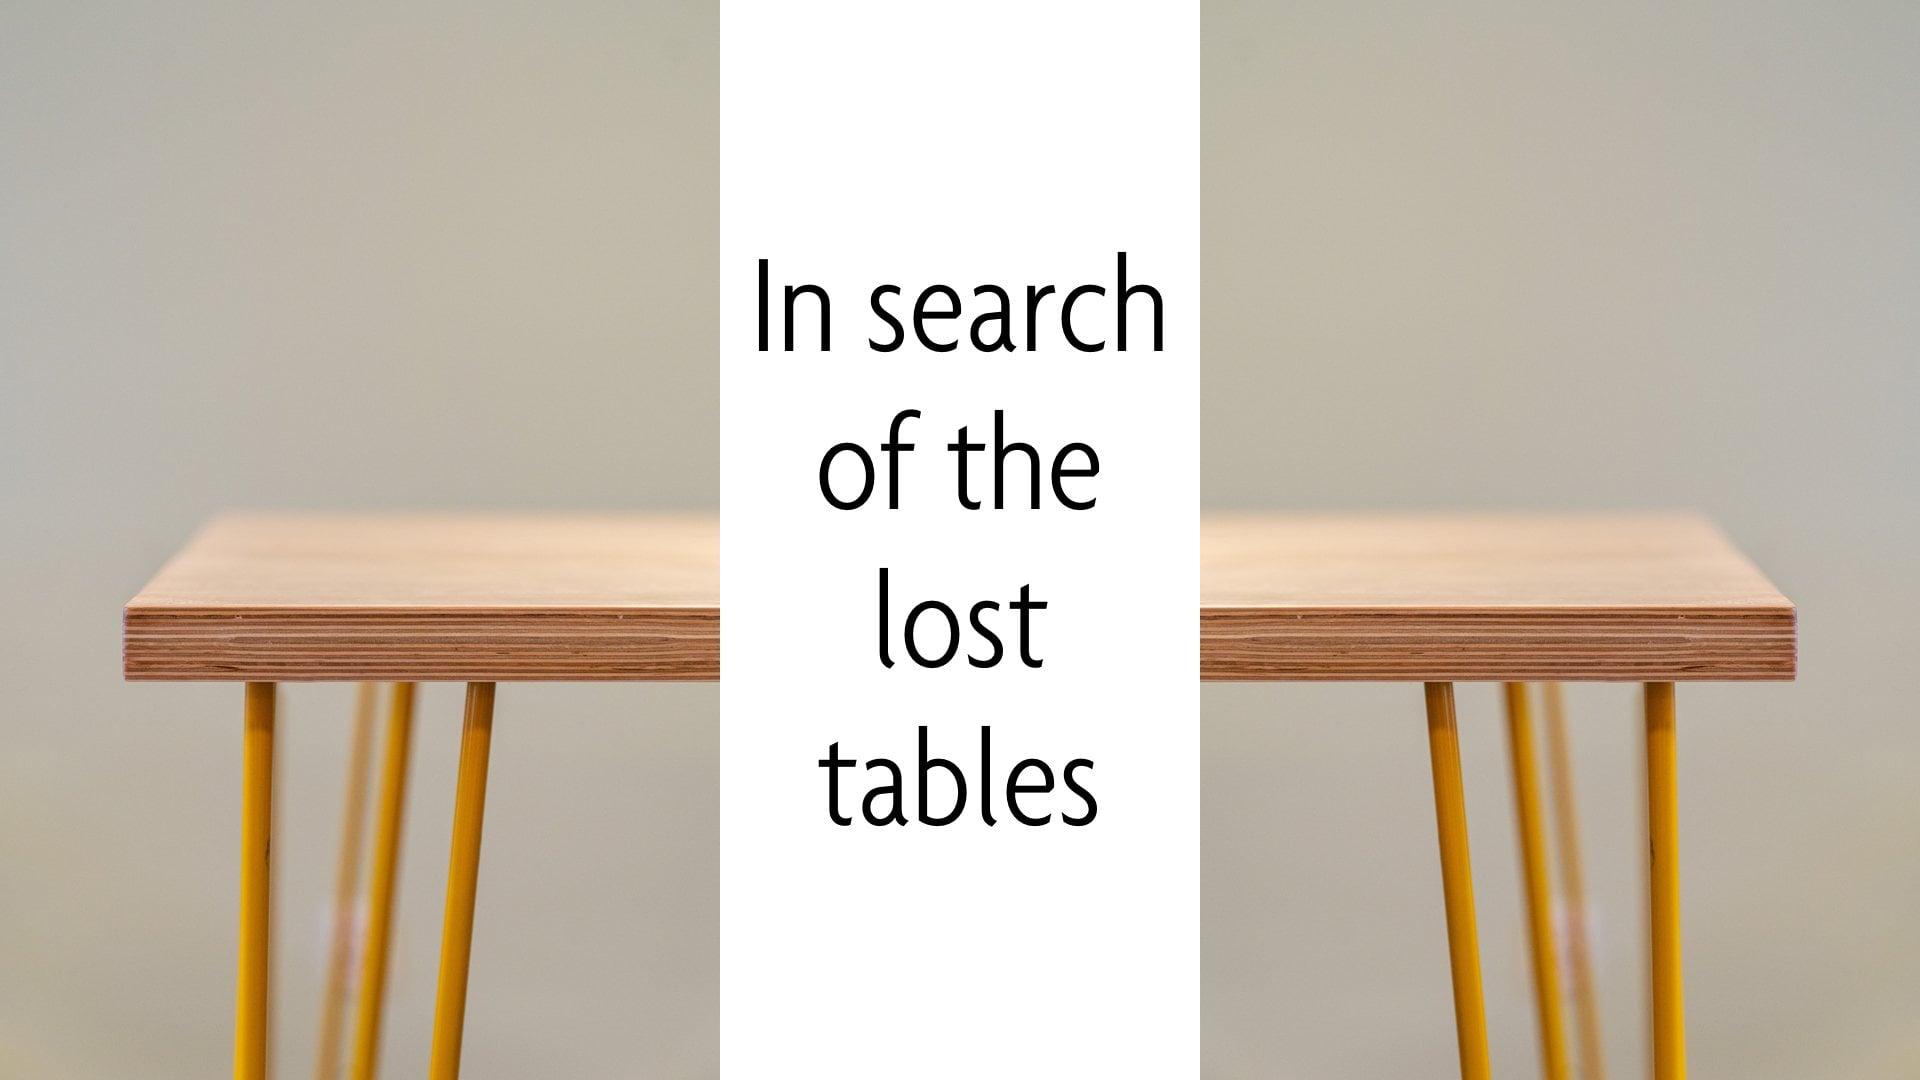 Looking for lost tables - PrestaShop